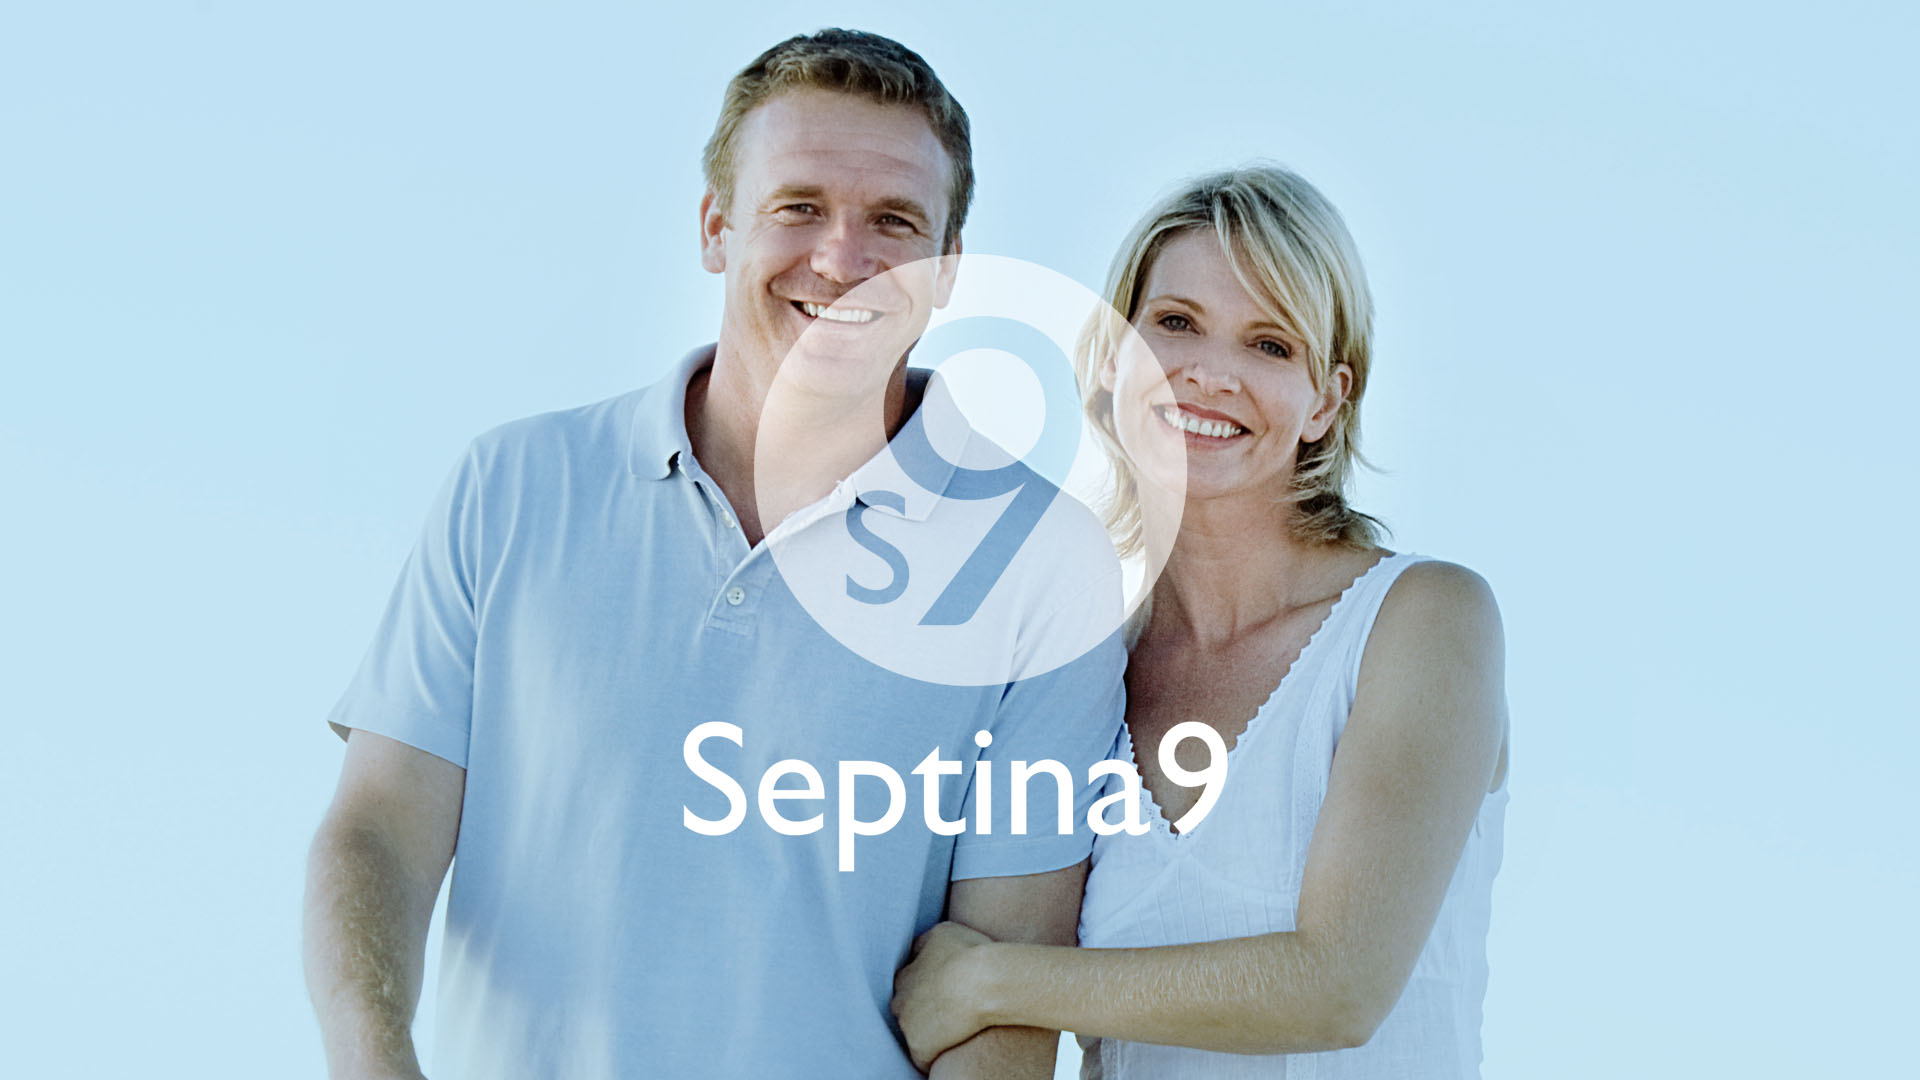 Septina 9